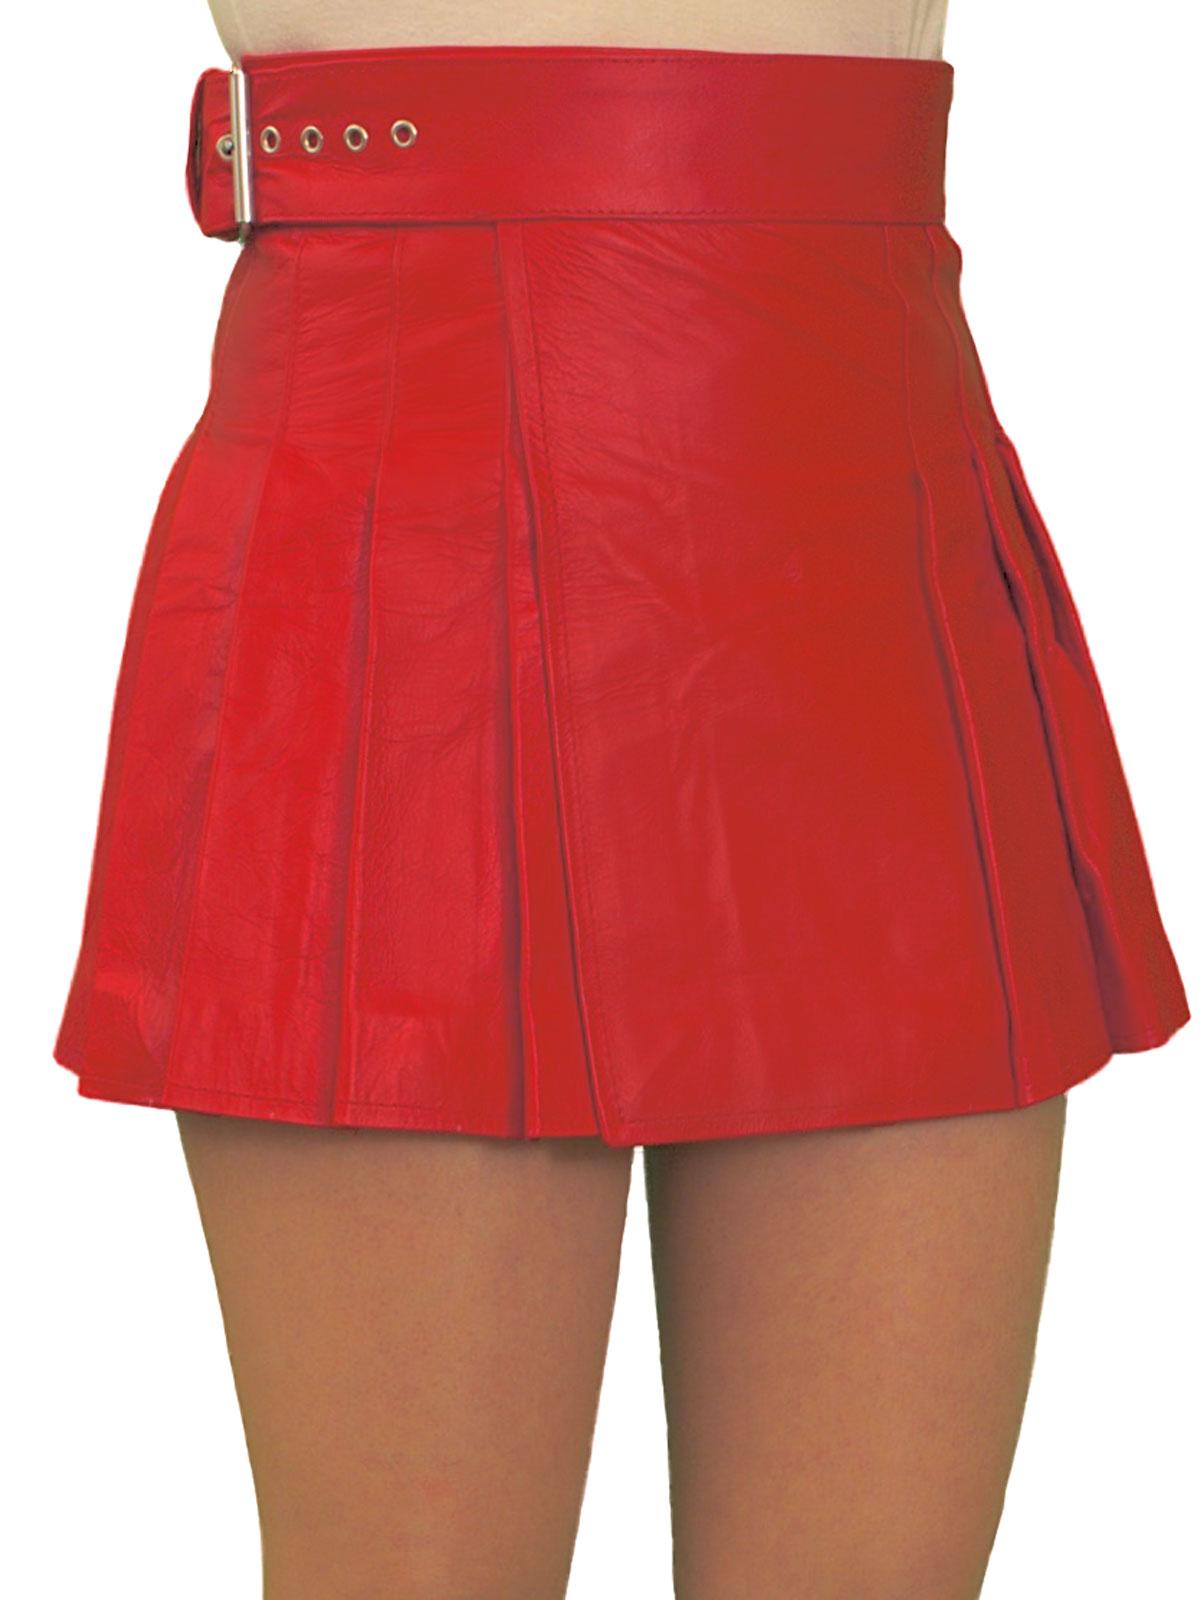 Ladies Red Leather Mini Skirt Kilt